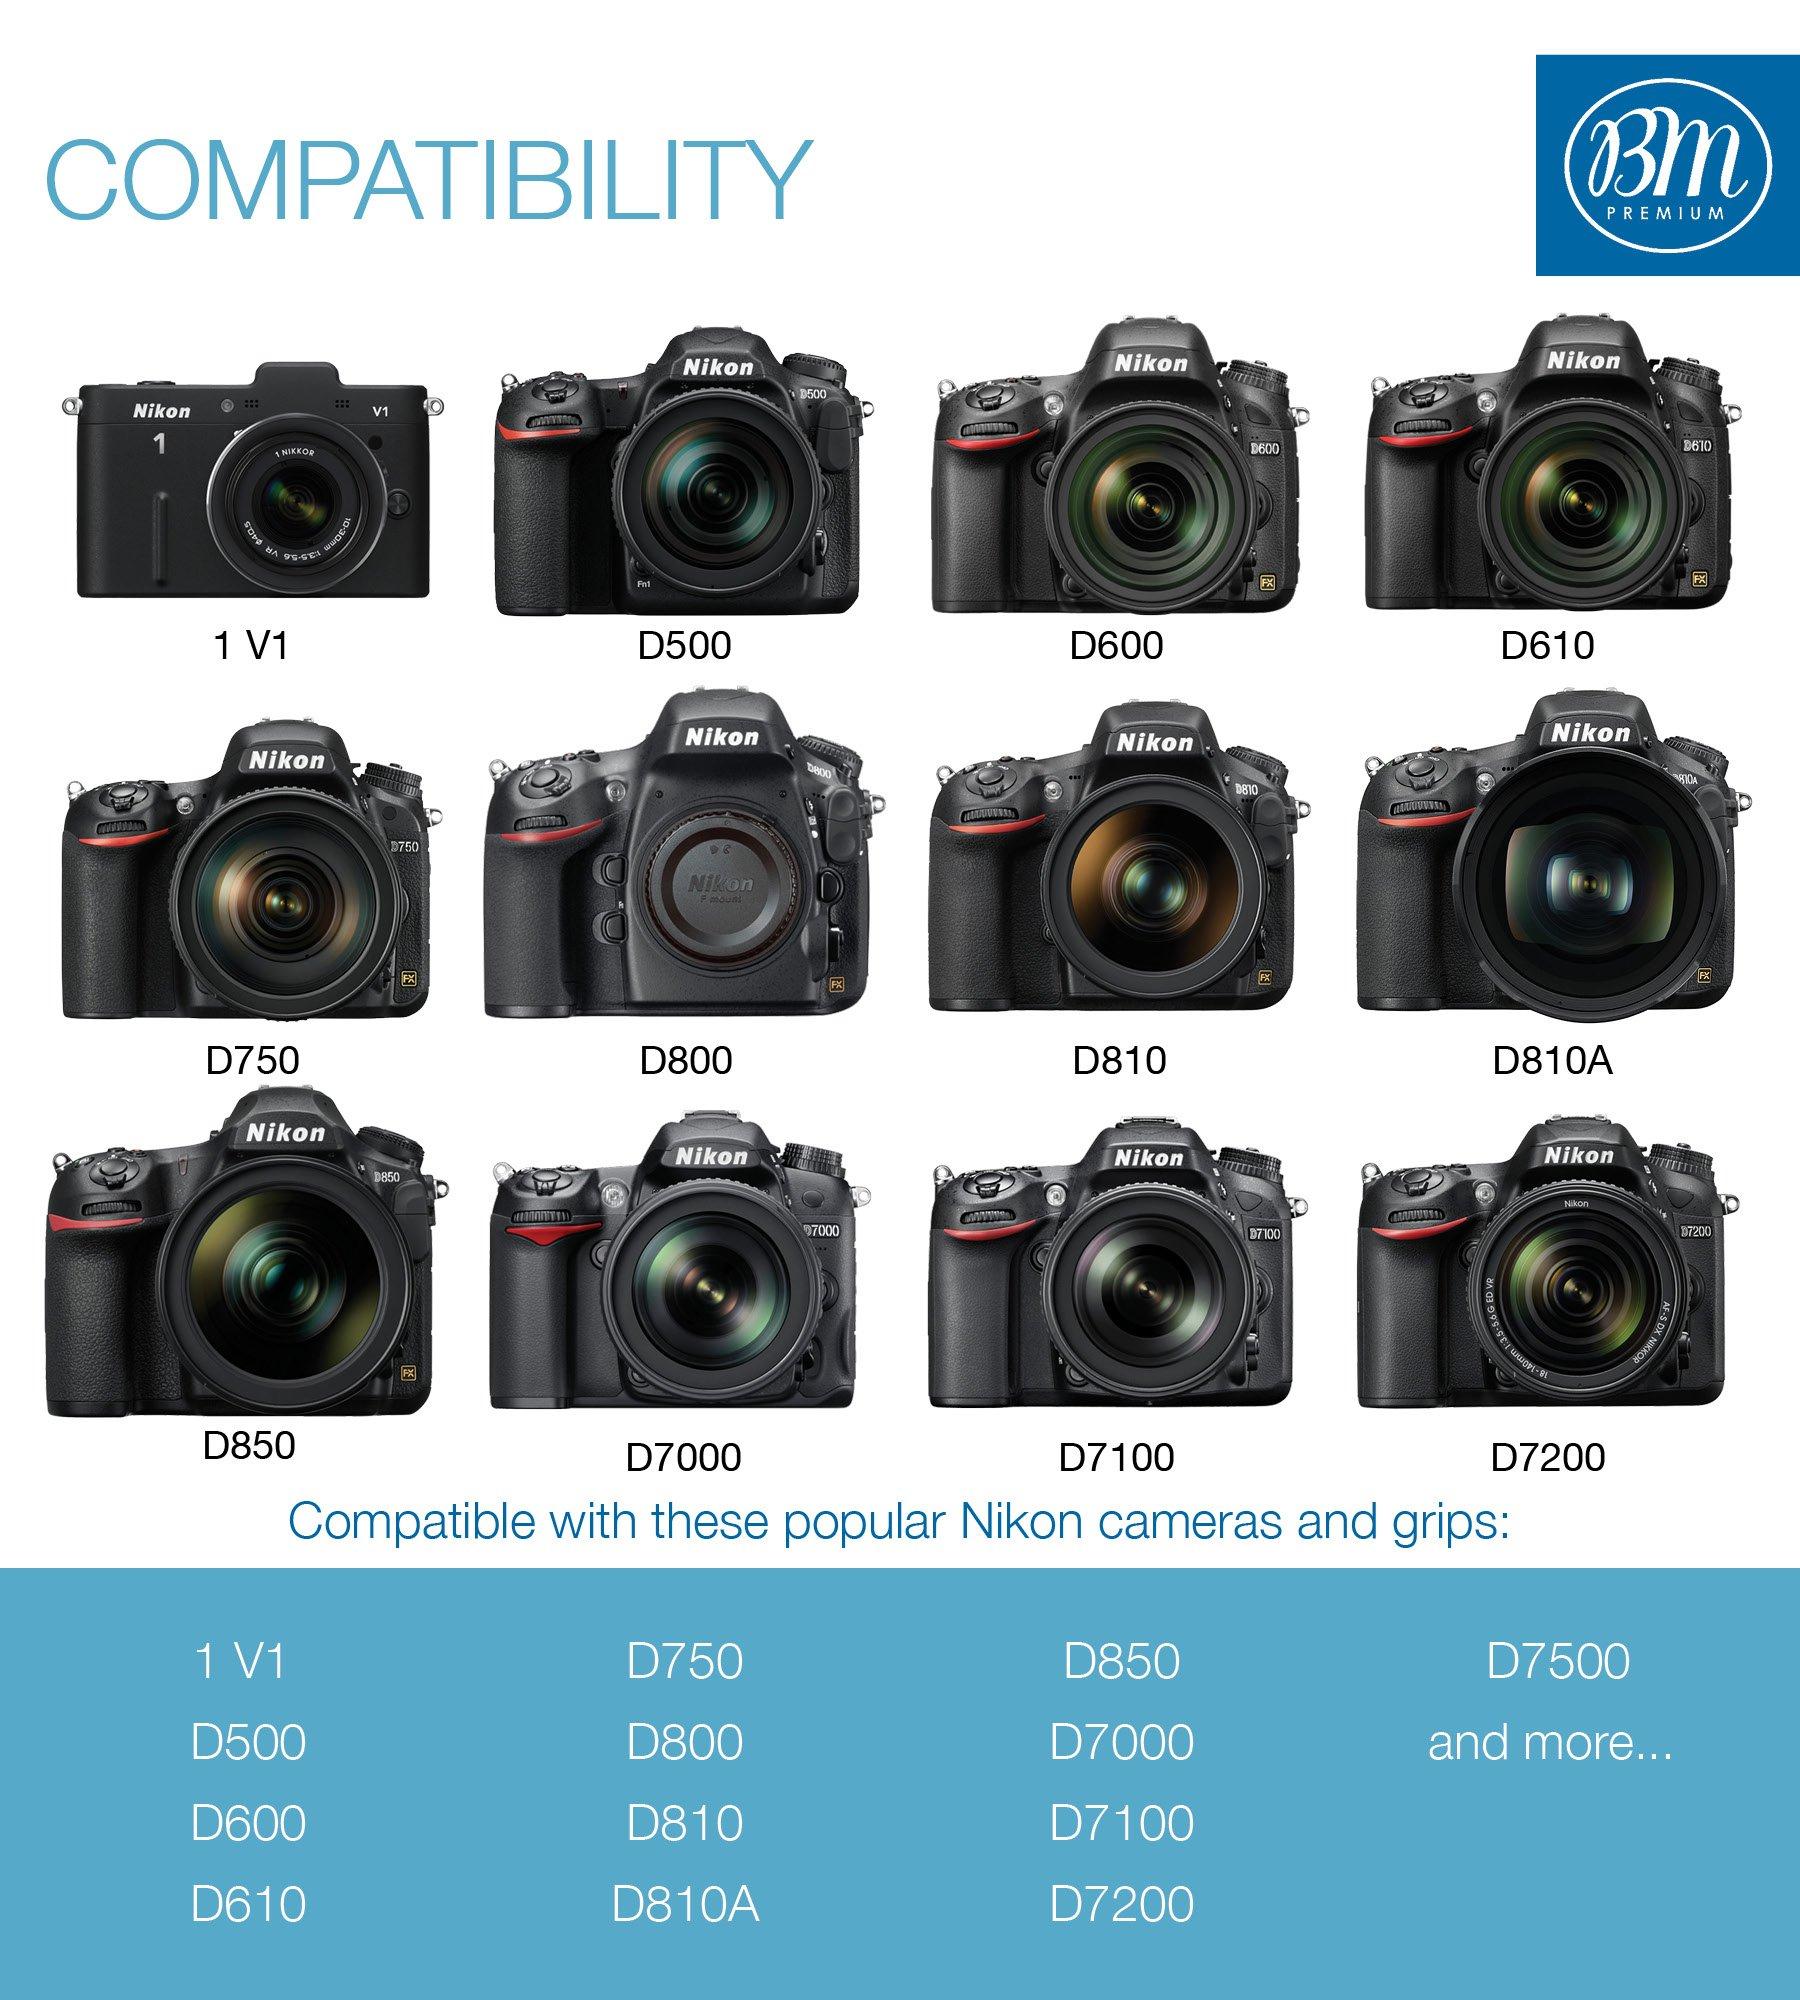 BM Premium EN-EL15 Battery for Nikon D850, D7500, 1 V1, D500, D600, D610, D750, D800, D800E, D810, D810A, D7000, D7100, D7200 Digital SLR Camera by BM Premium (Image #5)